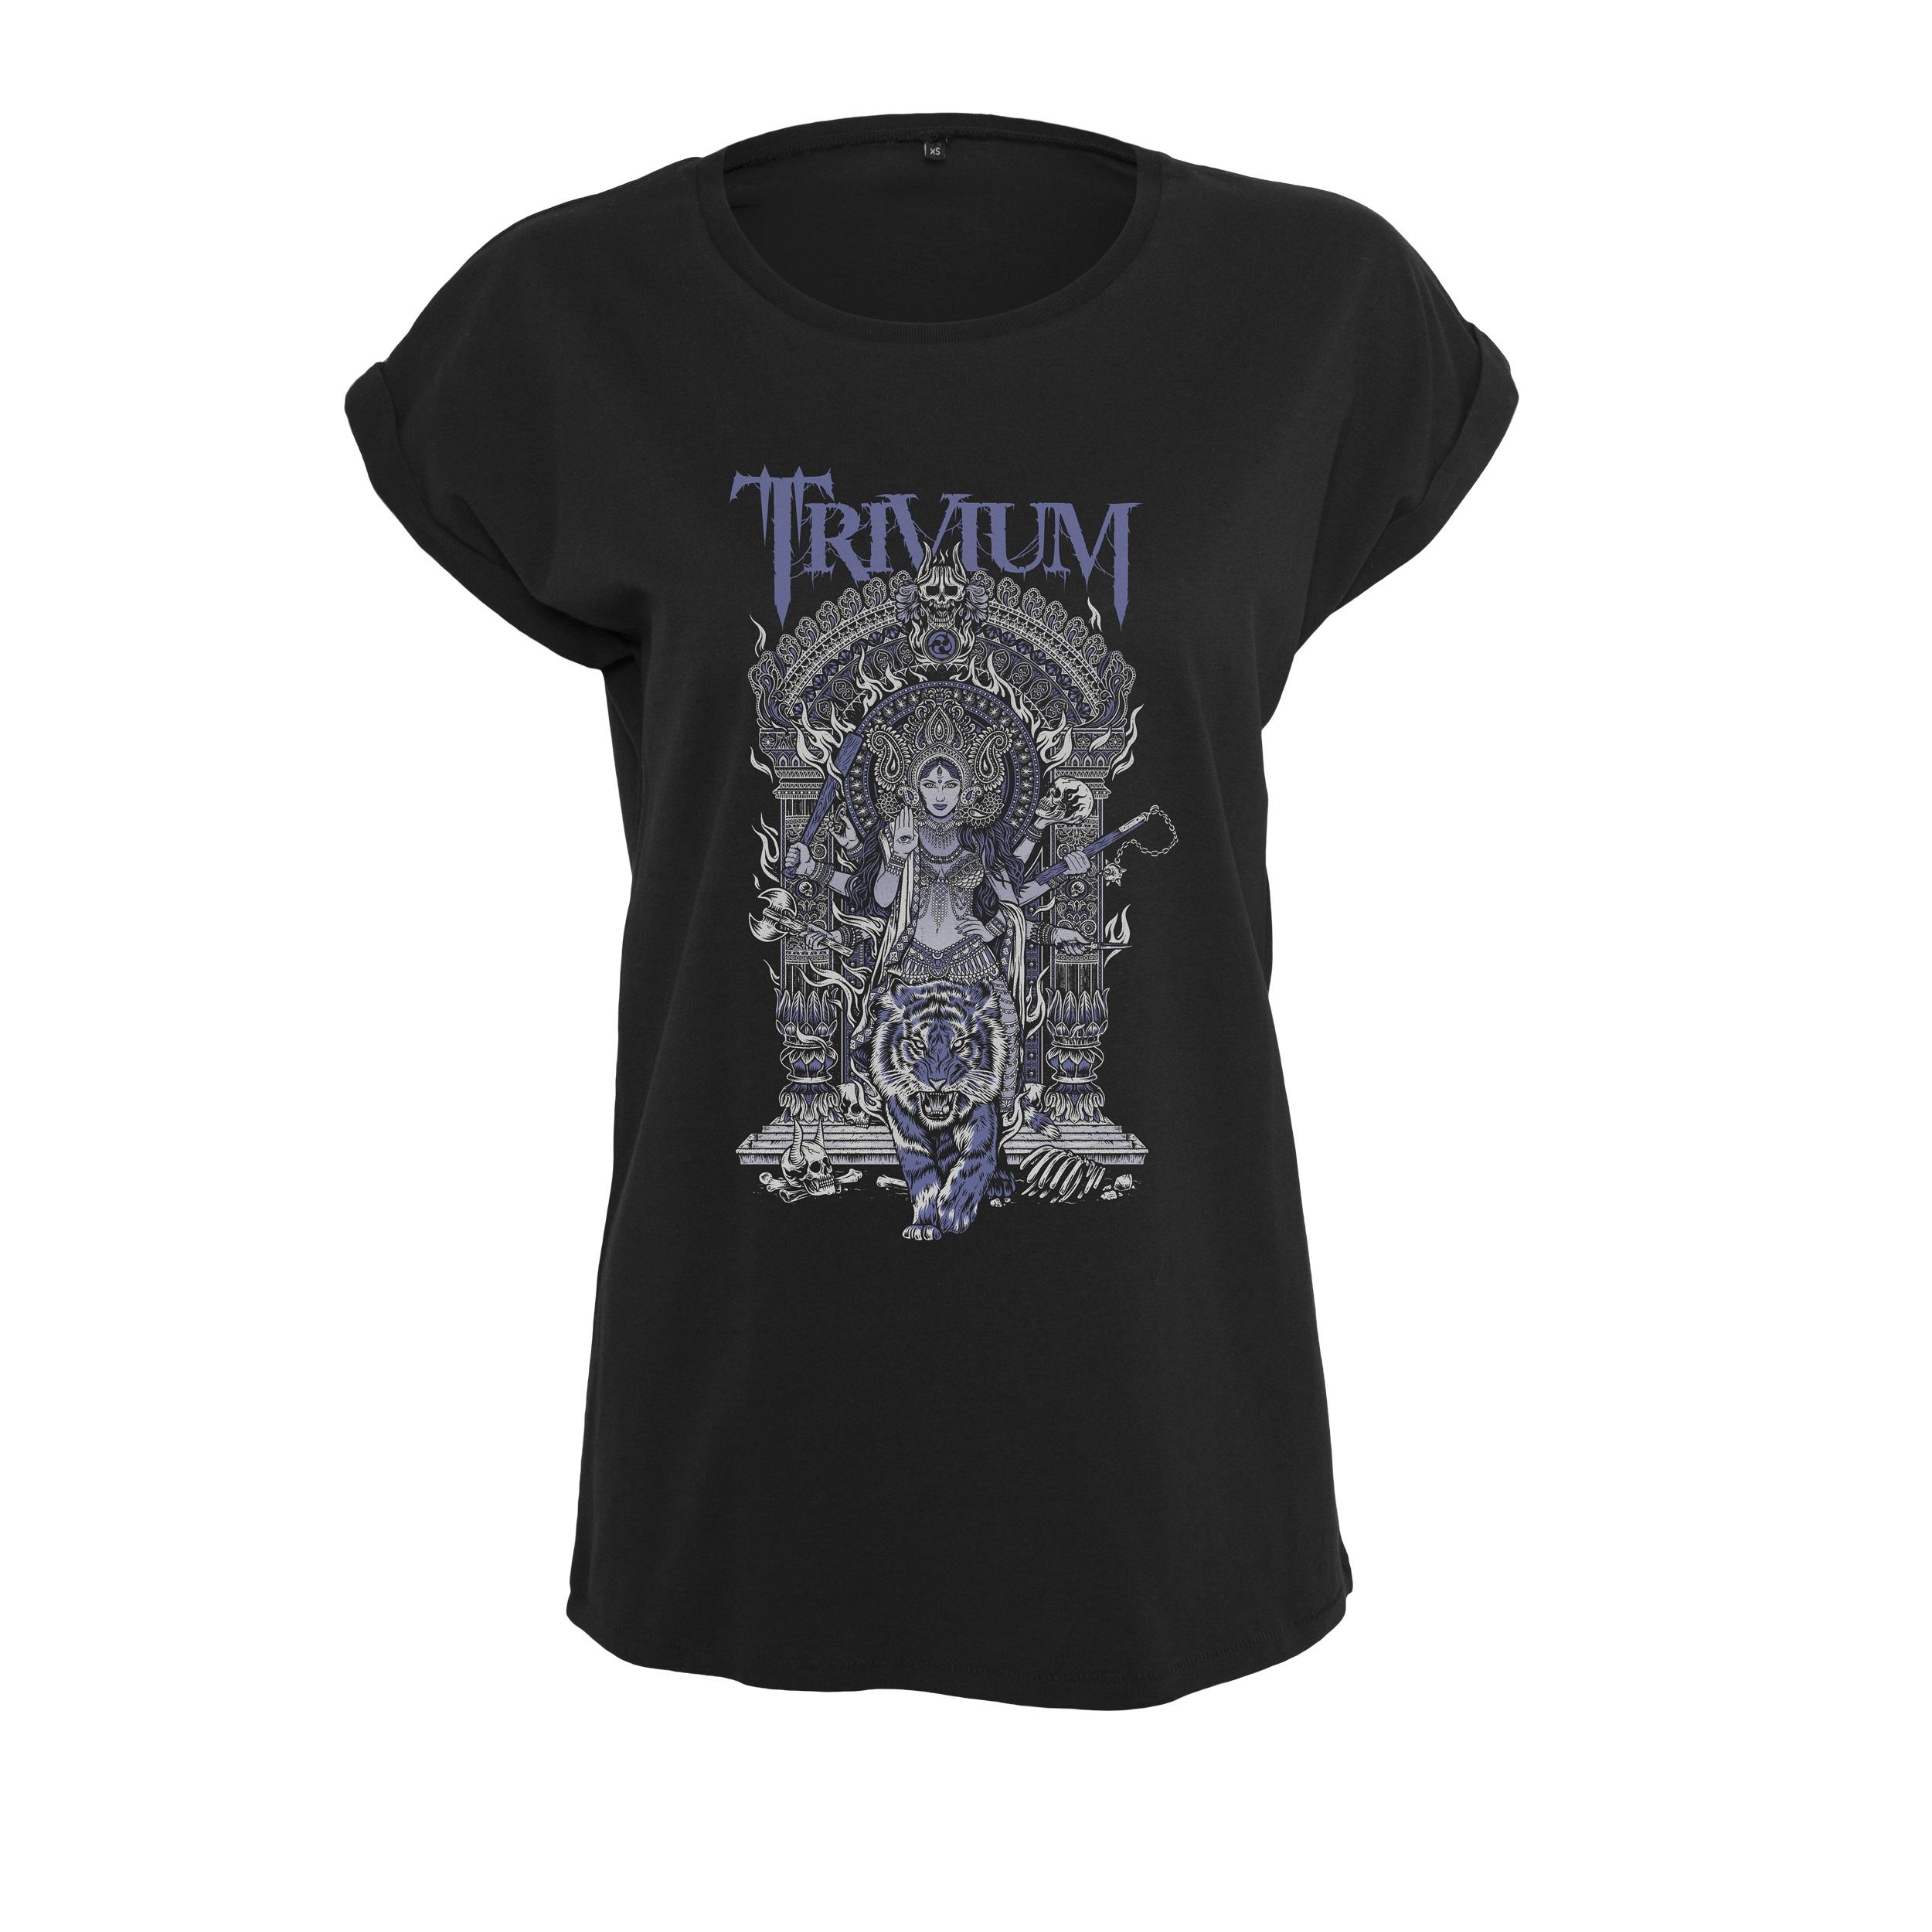 Trivium - Tričko Durga tee - Žena, Čierna, S